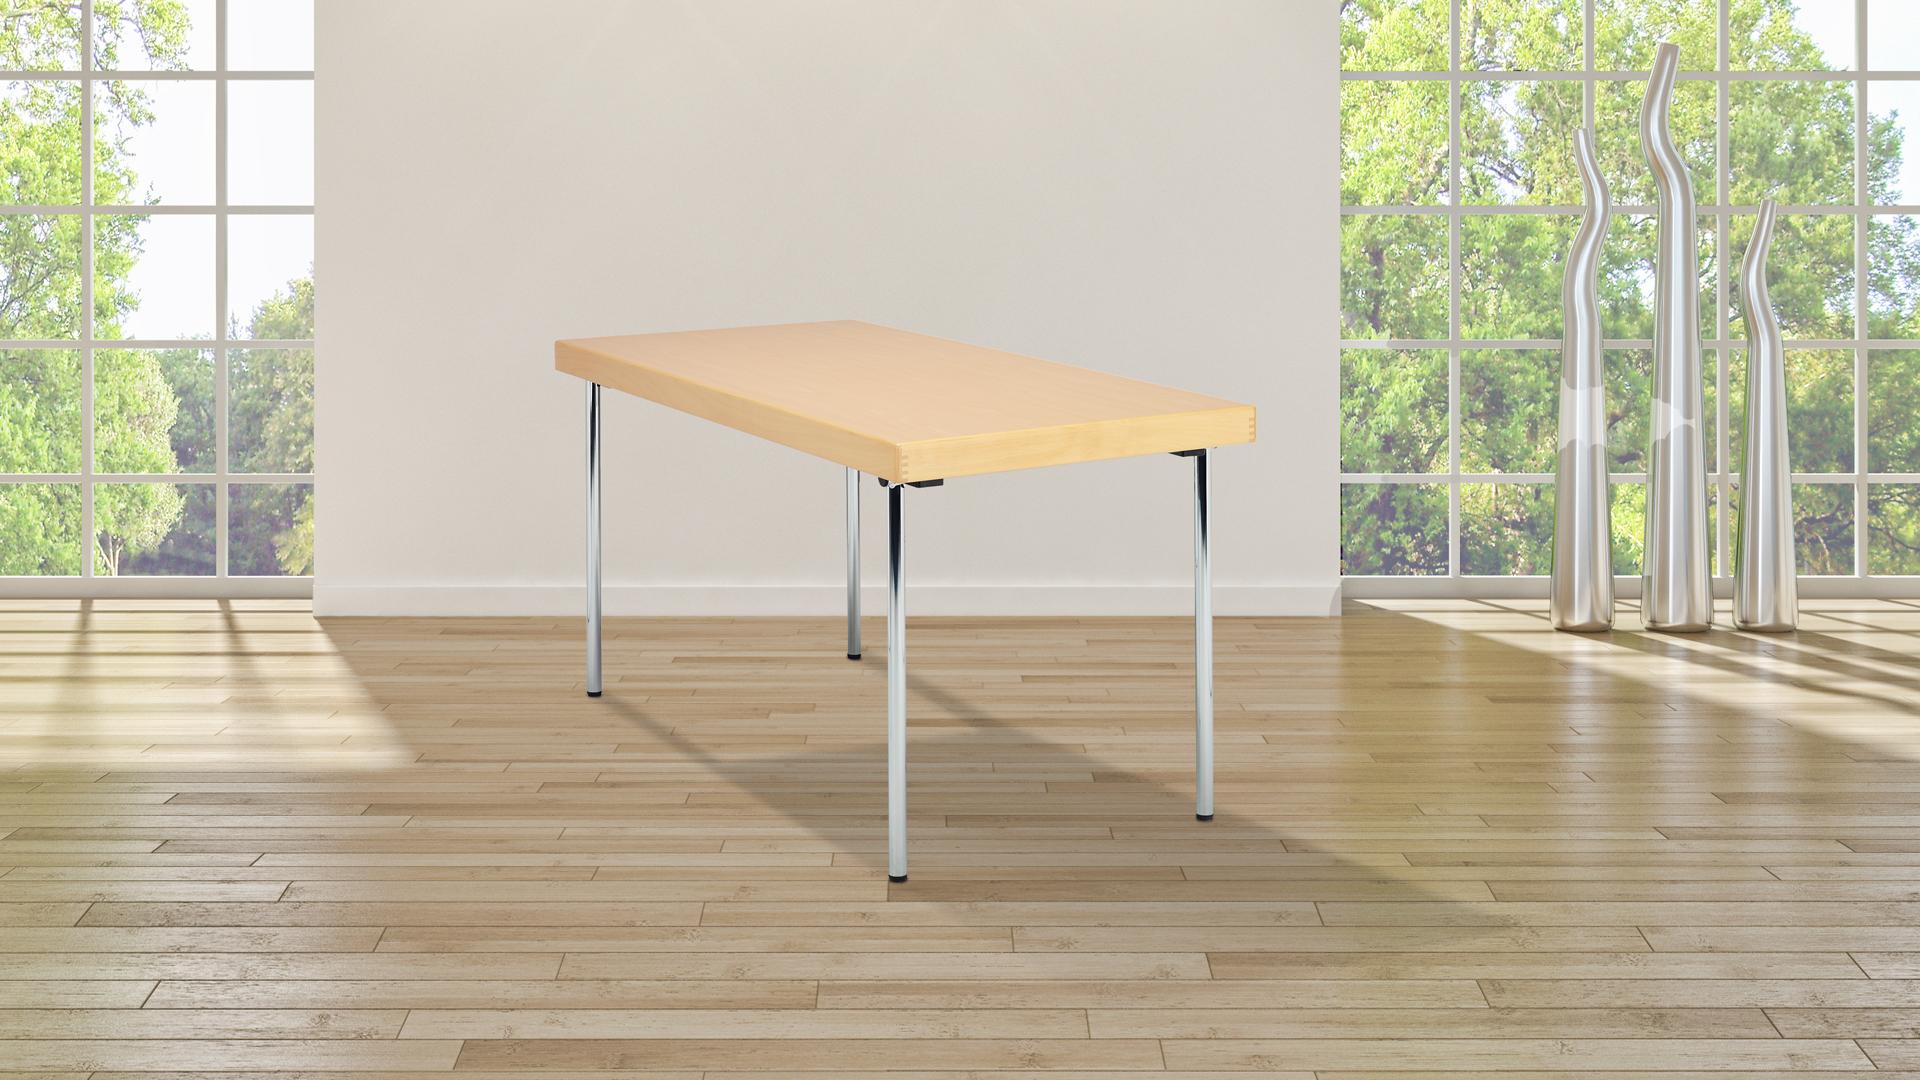 Tischsysteme-Klapptisch-Vierfuss-convention-mauser-slider